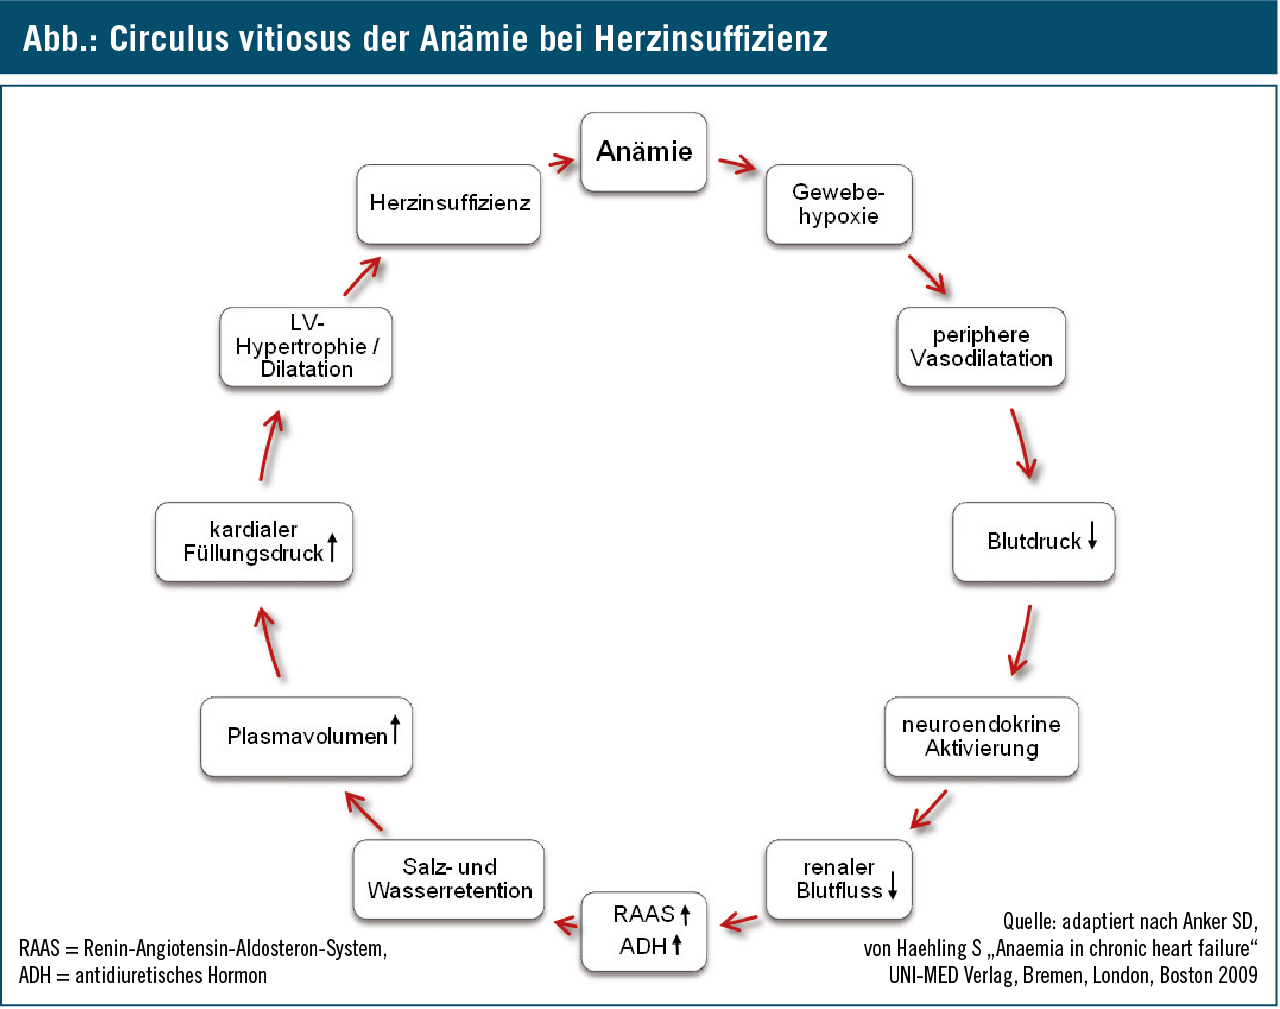 aldosteron antagonisten bei herzinsuffizienz